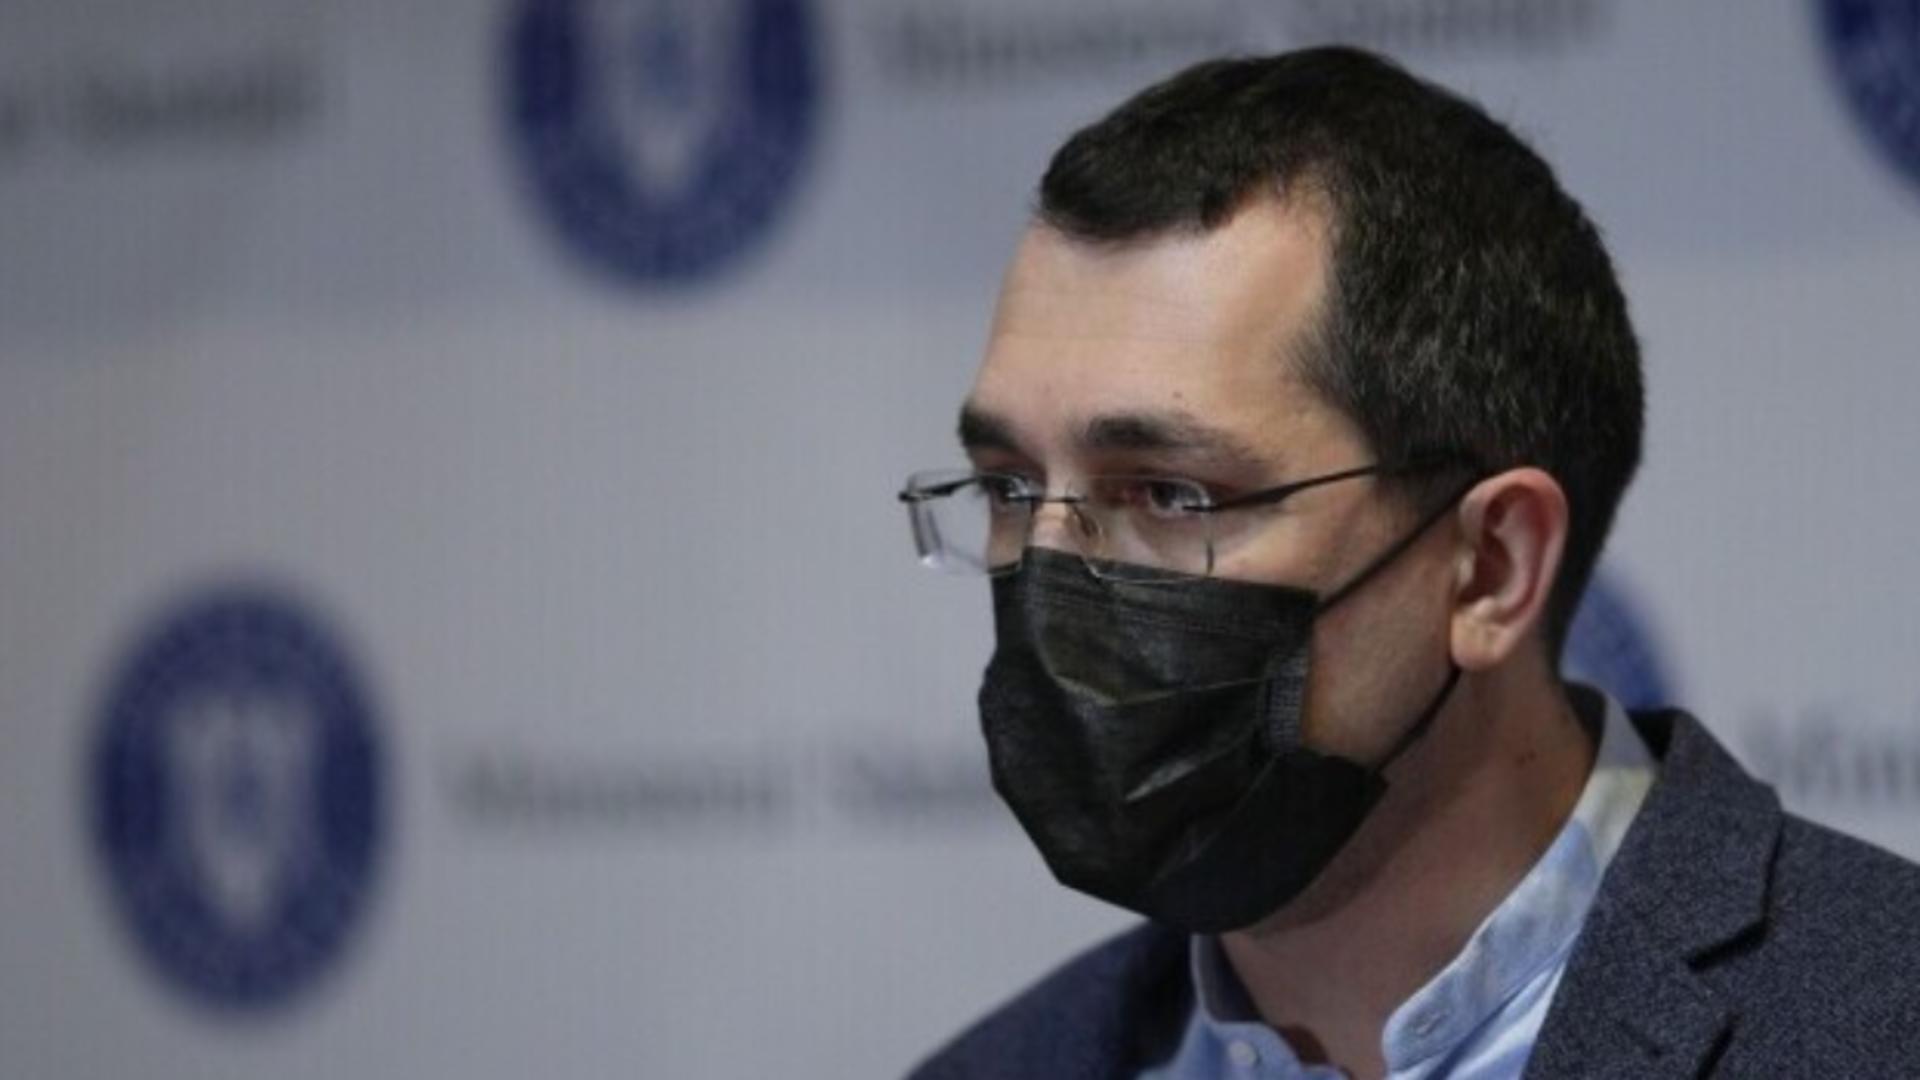 Ministerul Sănătății confirmă tragedia de la Victor Babes Foto: InquamPhotos/Octav Ganea